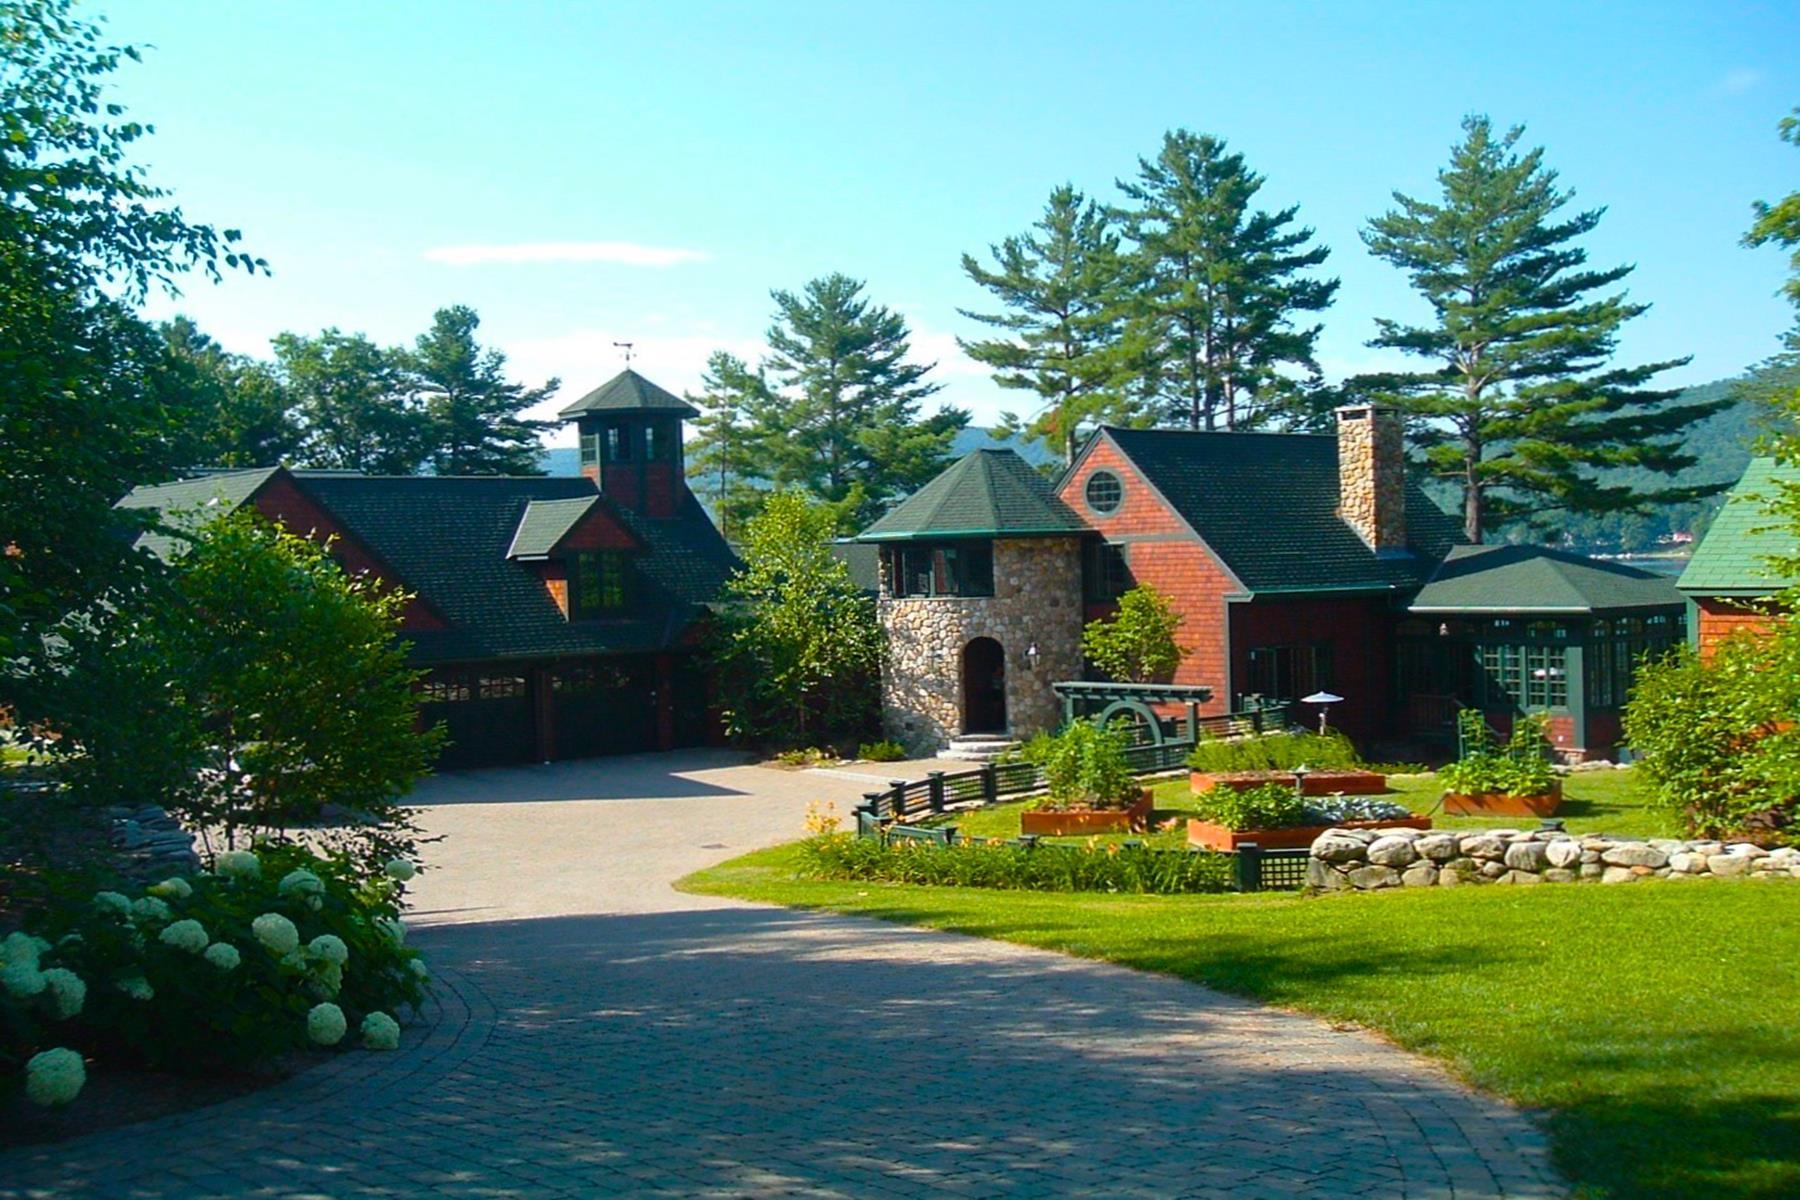 Maison unifamiliale pour l Vente à 60 Goodwin, Enfield Enfield, New Hampshire, 03748 États-Unis